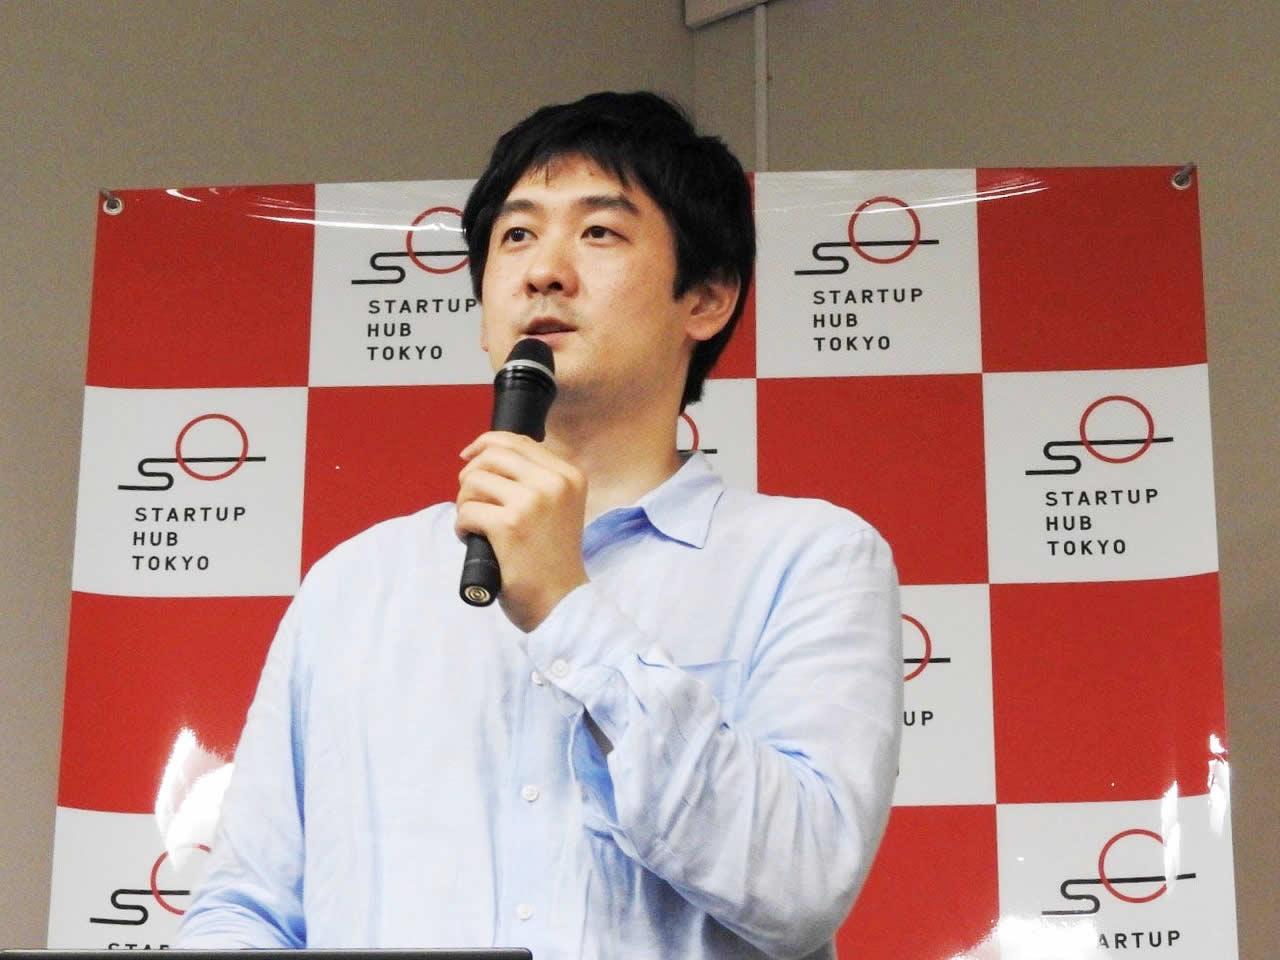 当社CEO田村らが参加した過去のビジネスコンテストでの受賞実績をお知らせいたします